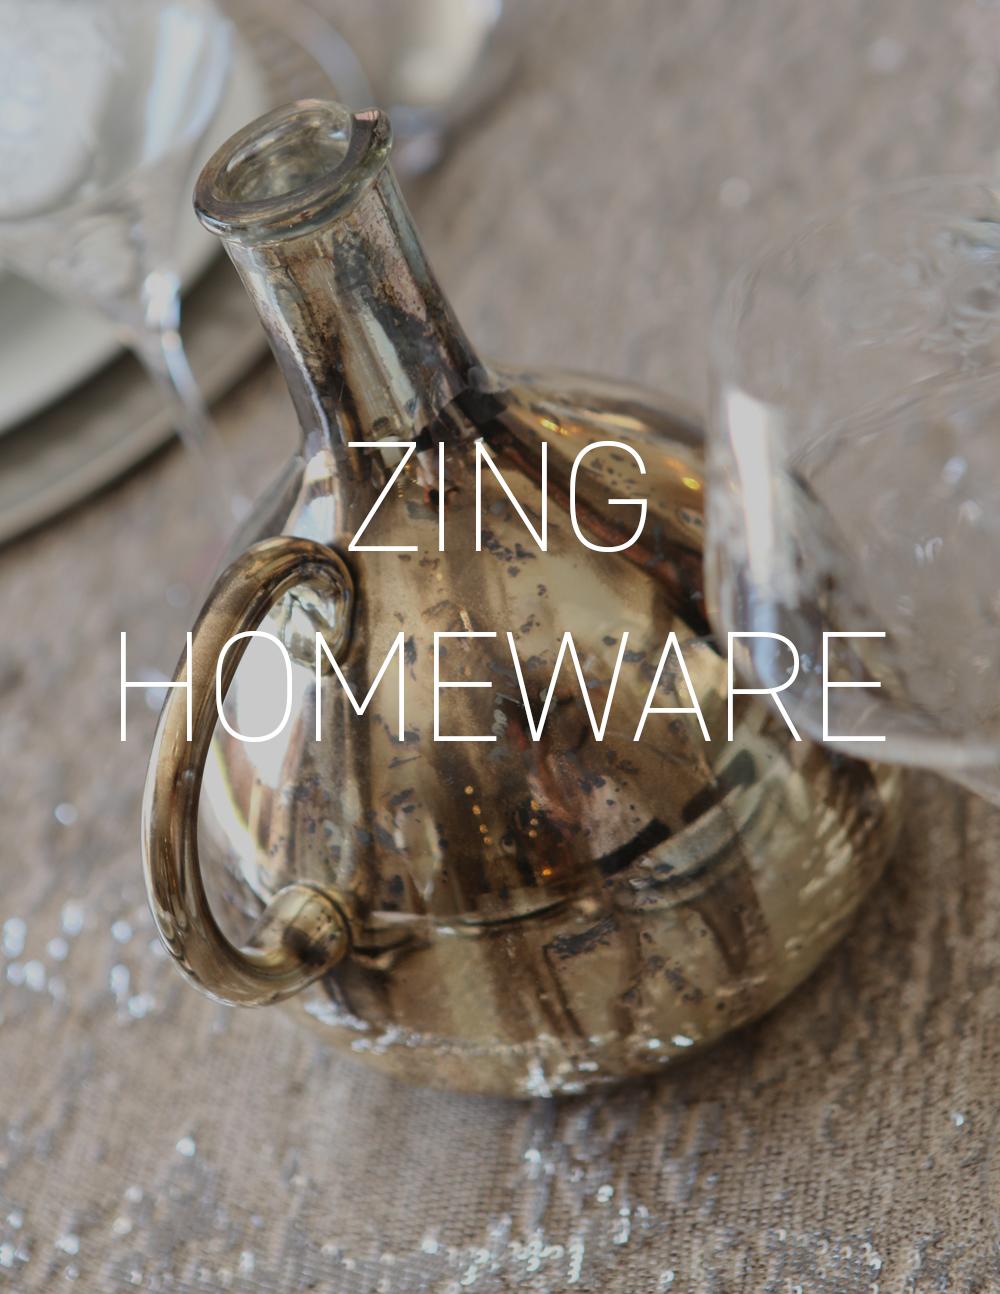 Zing Home composite.jpg